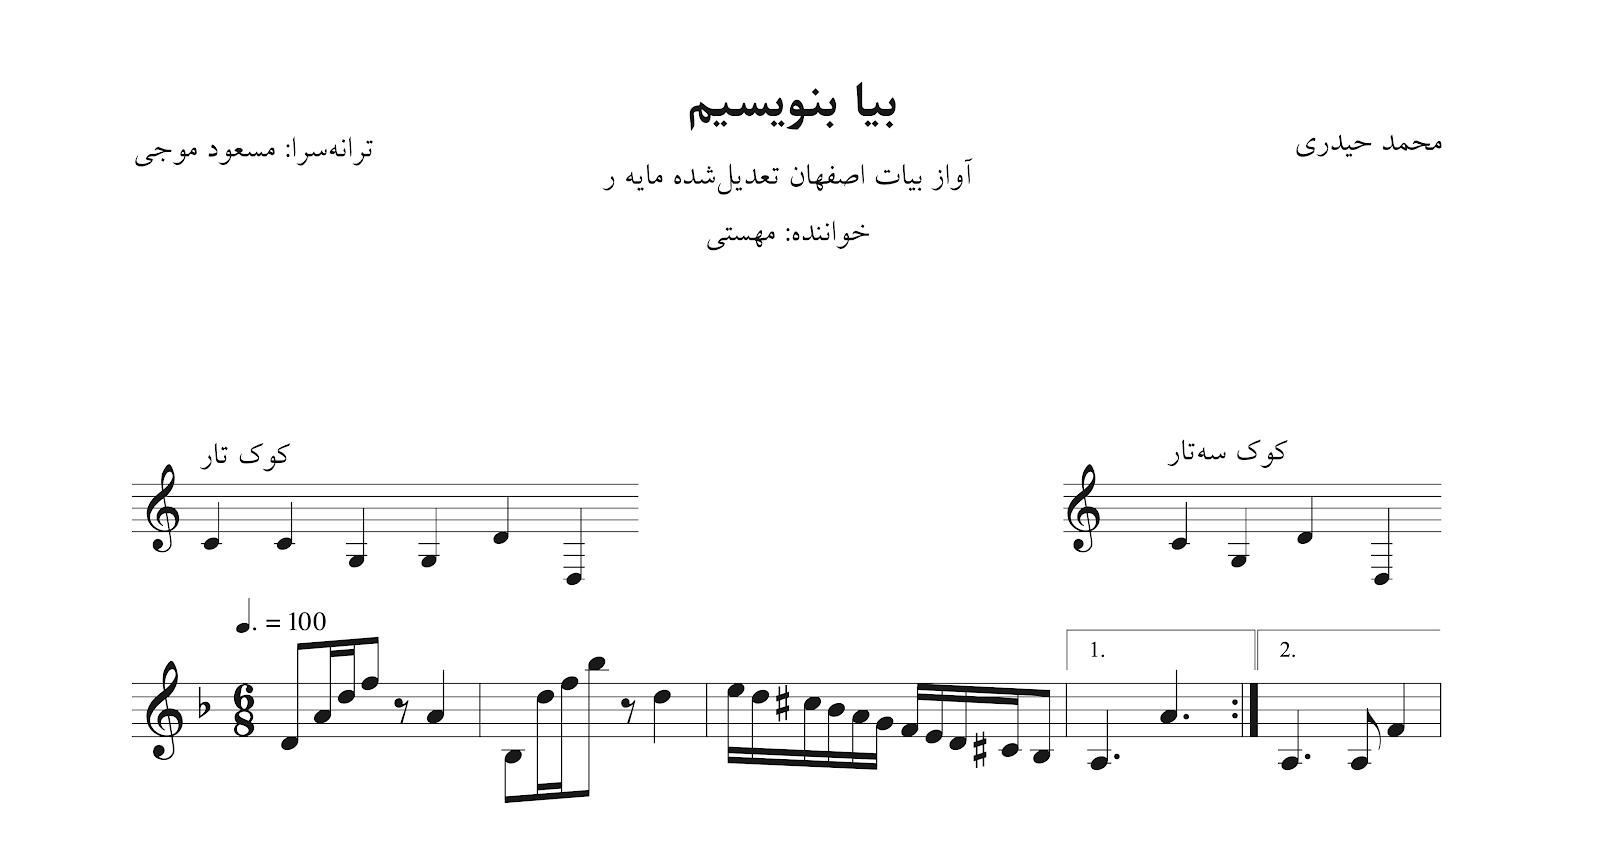 نت بیا بنویسیم بیات اصفهان ر محمد حیدری